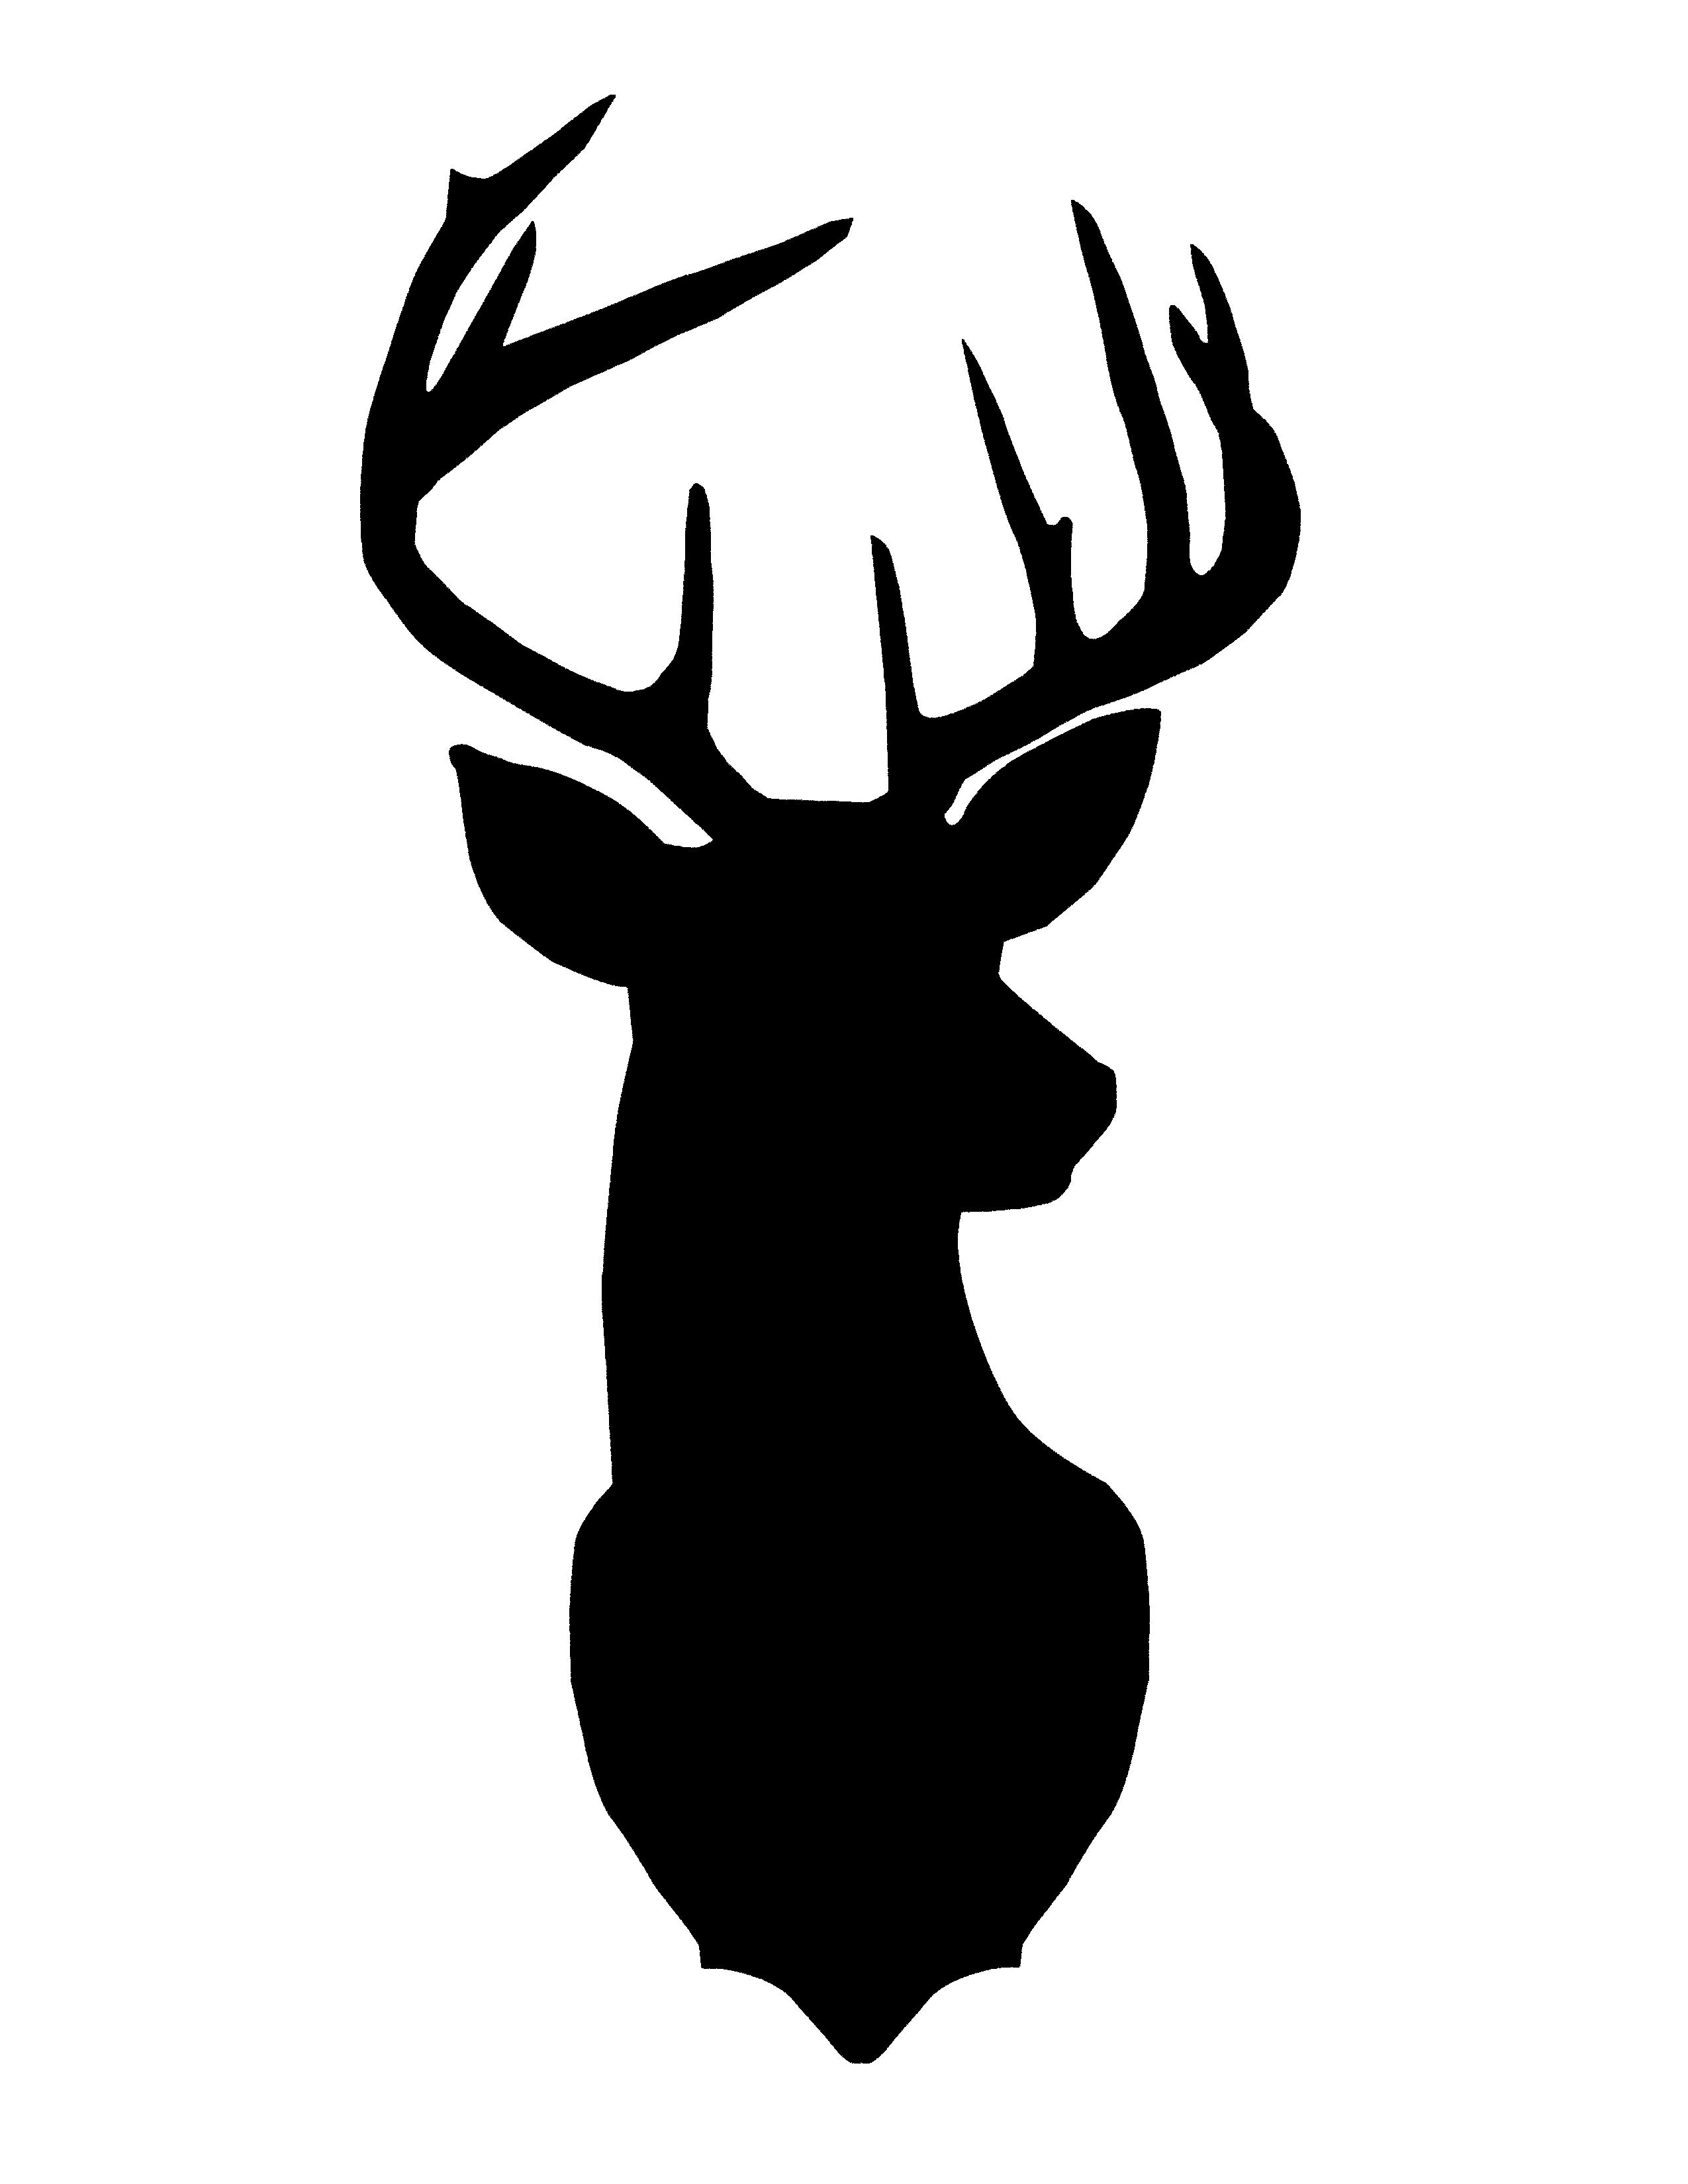 6 Images of Deer Head Silhouette Free Printable